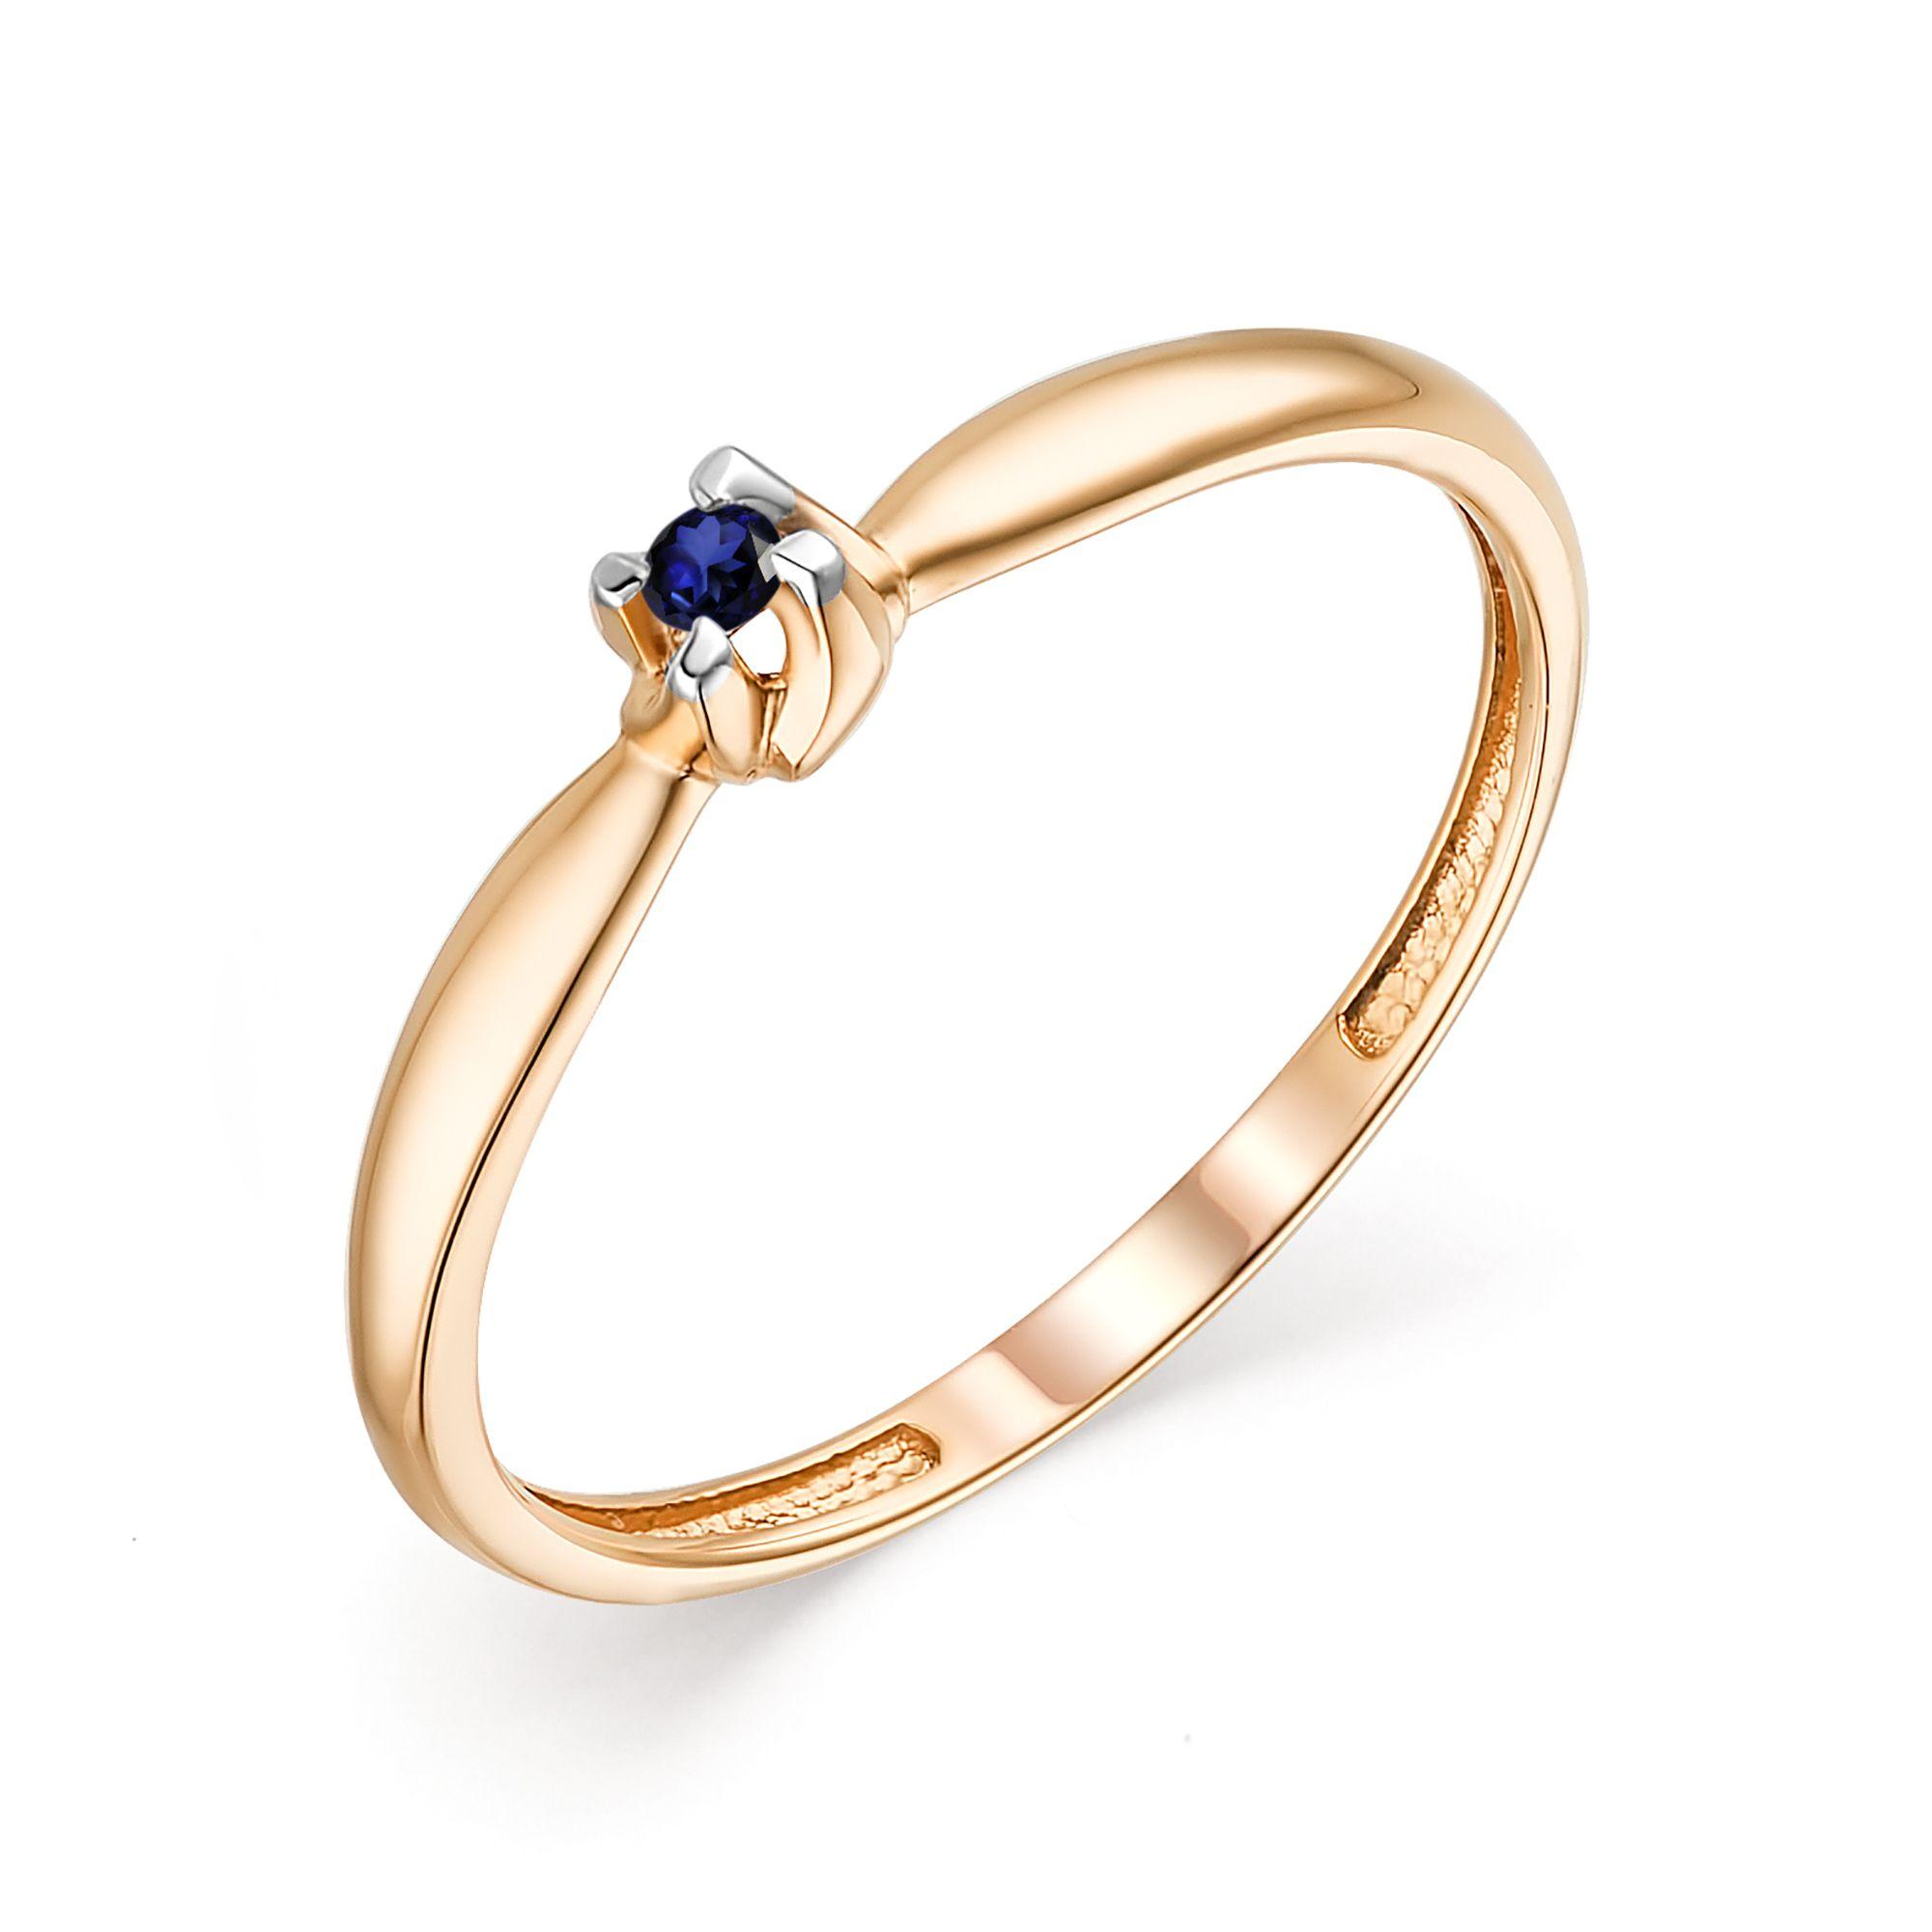 картинка кольцо 13618-102 1 сапфир  круг 0,050 1,75 2/2 13618-102